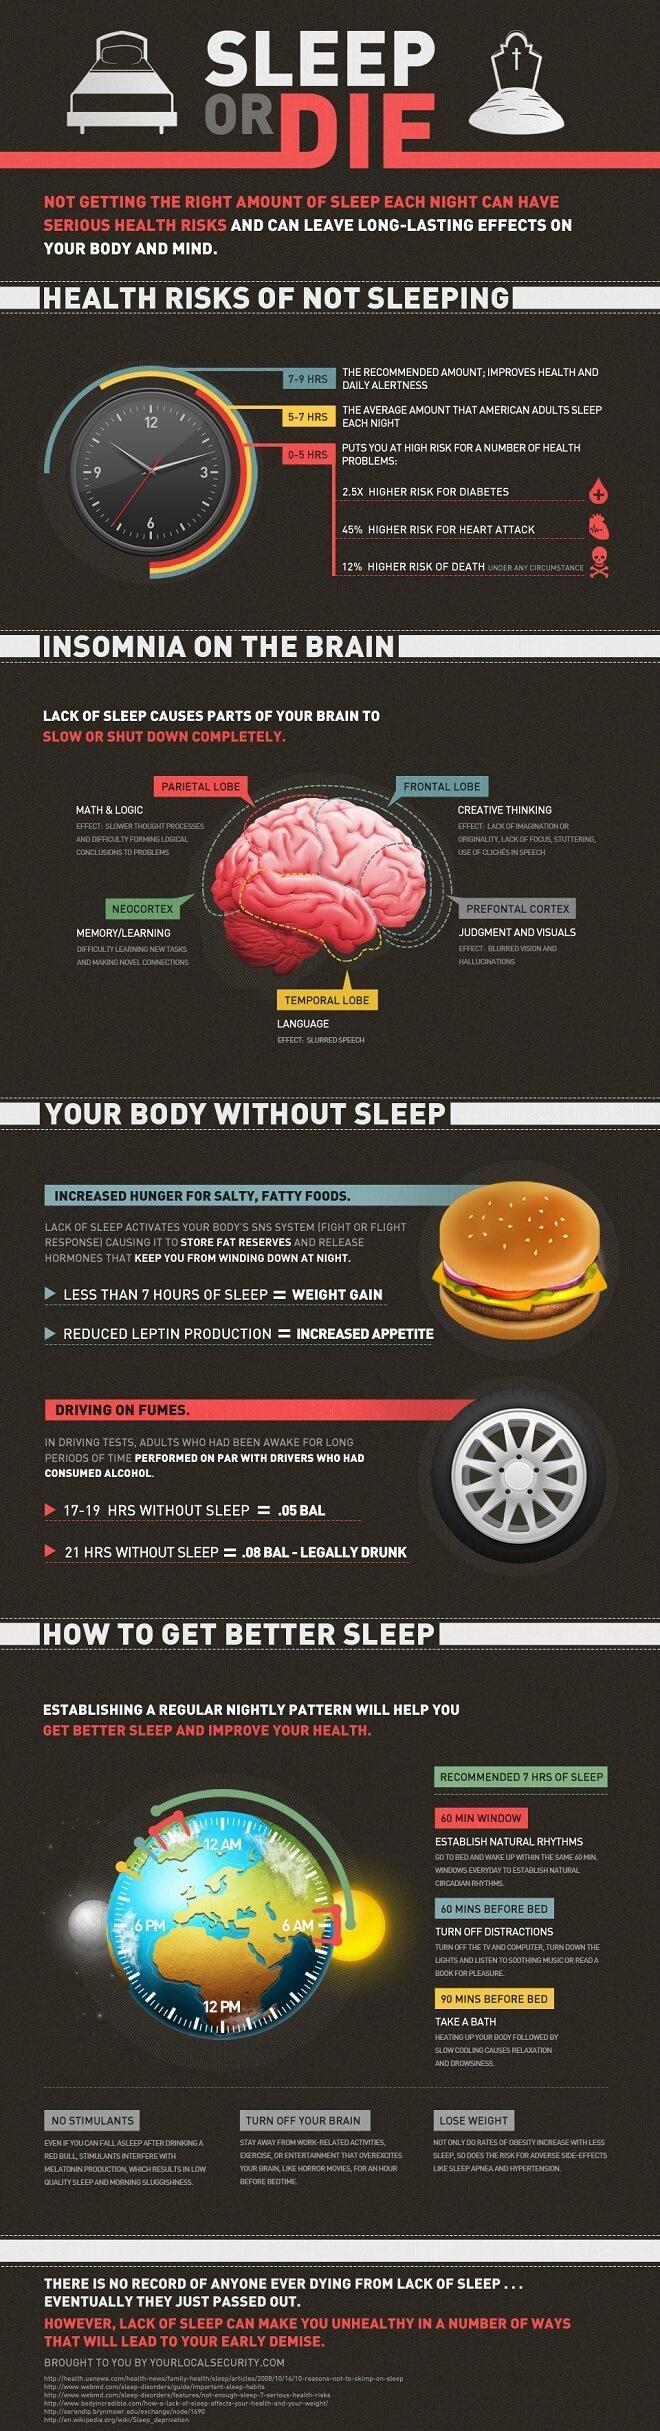 sleeping risks